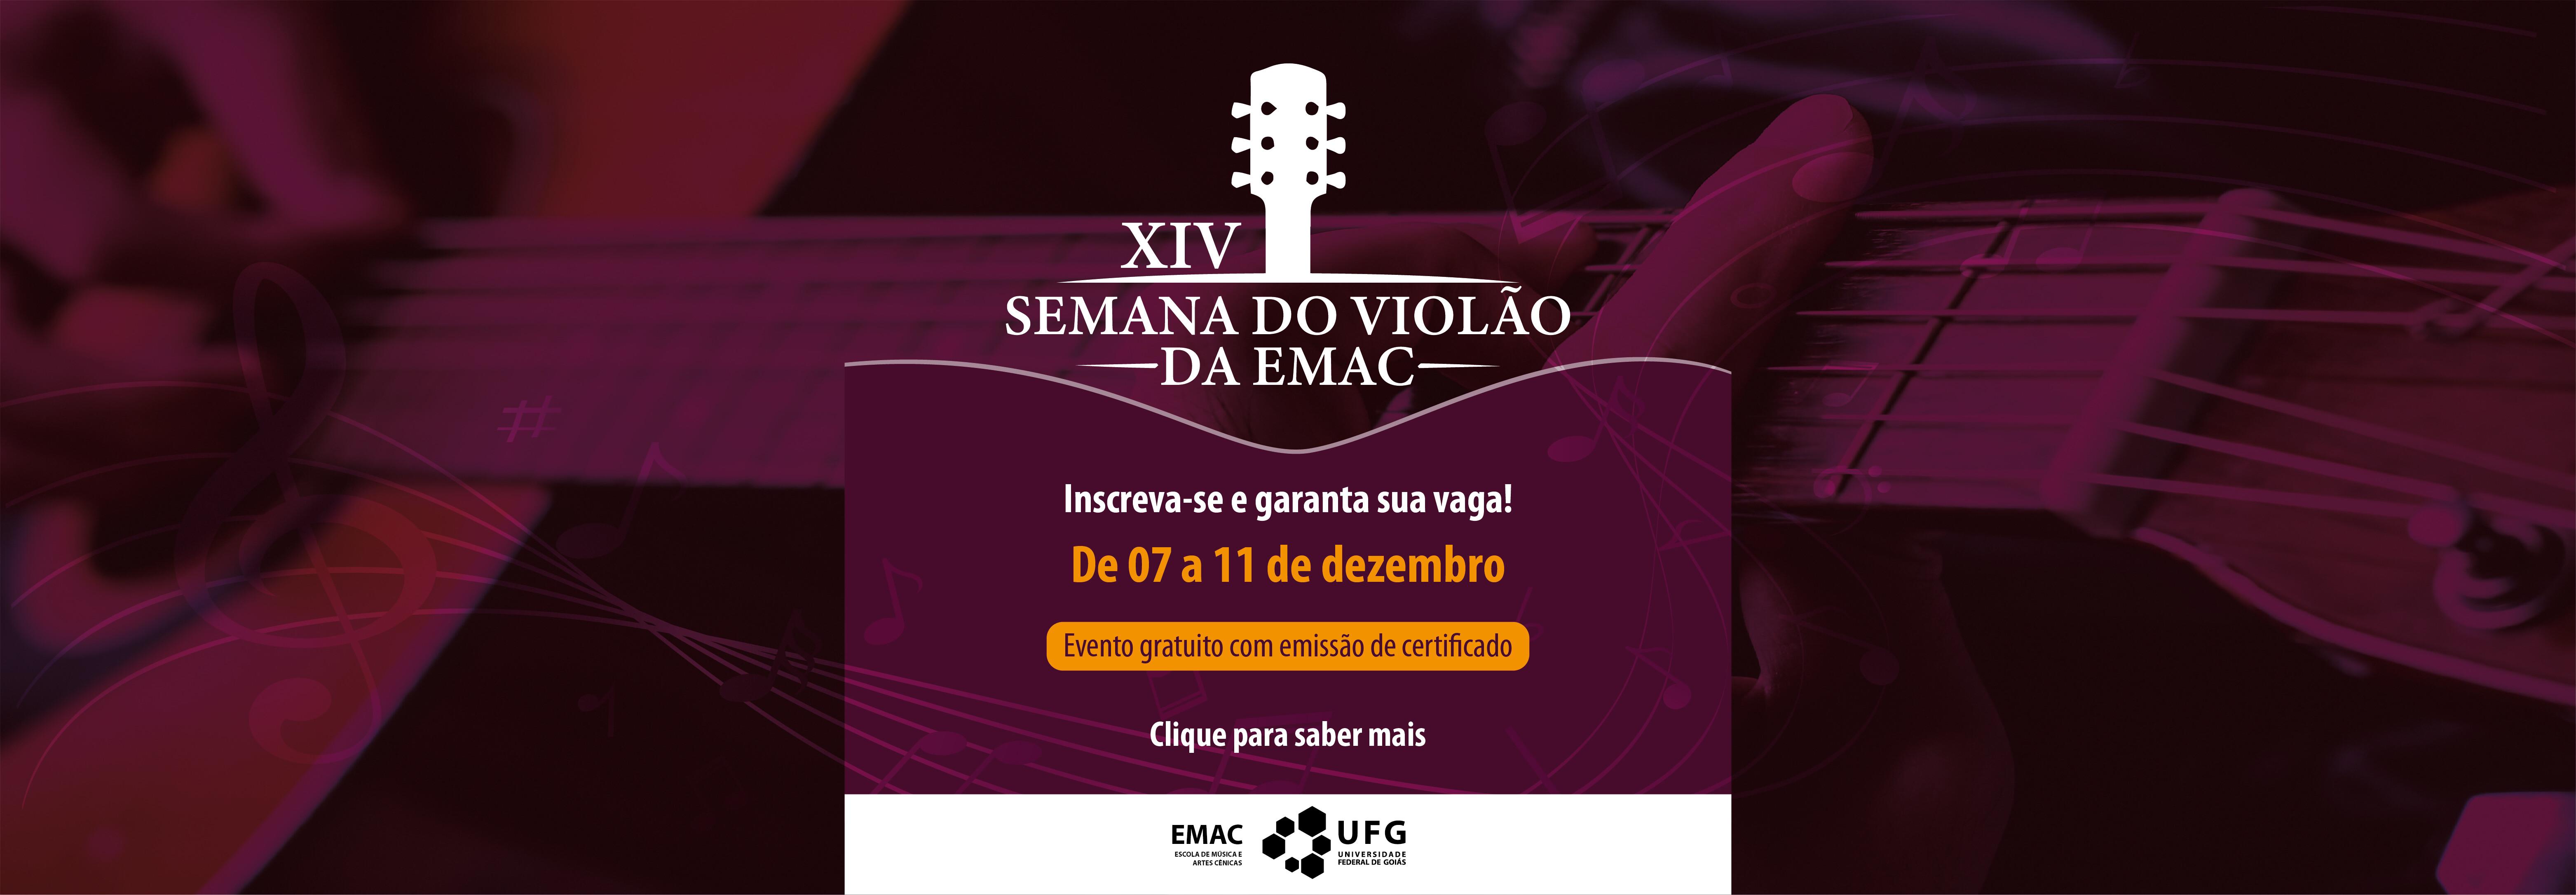 C20-EMAC-444__-_BANNER_3000X1042PX_-_XIV_Semana_do_violão_da_EMAC_Prancheta_1.jpg